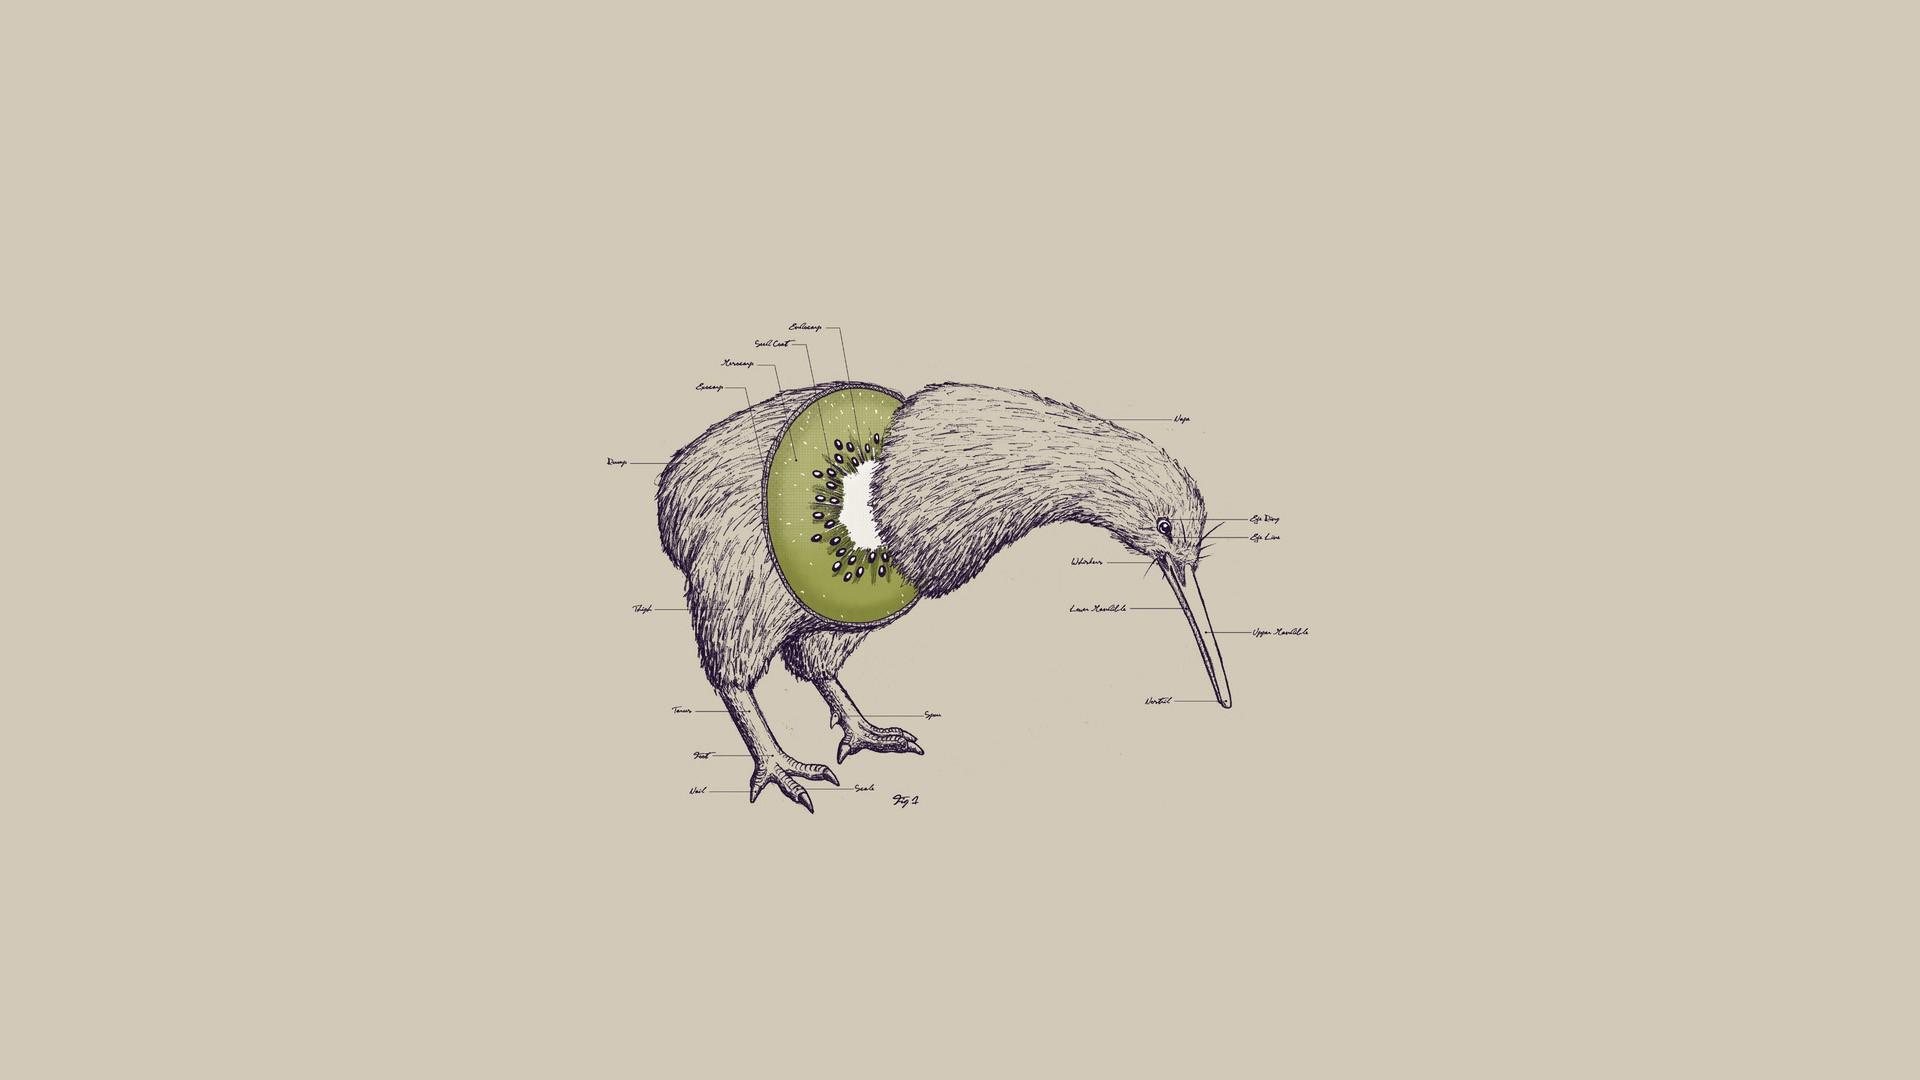 Wallpaper Ilustrasi Karya Seni Gambar Kartun Kiwi Hewan